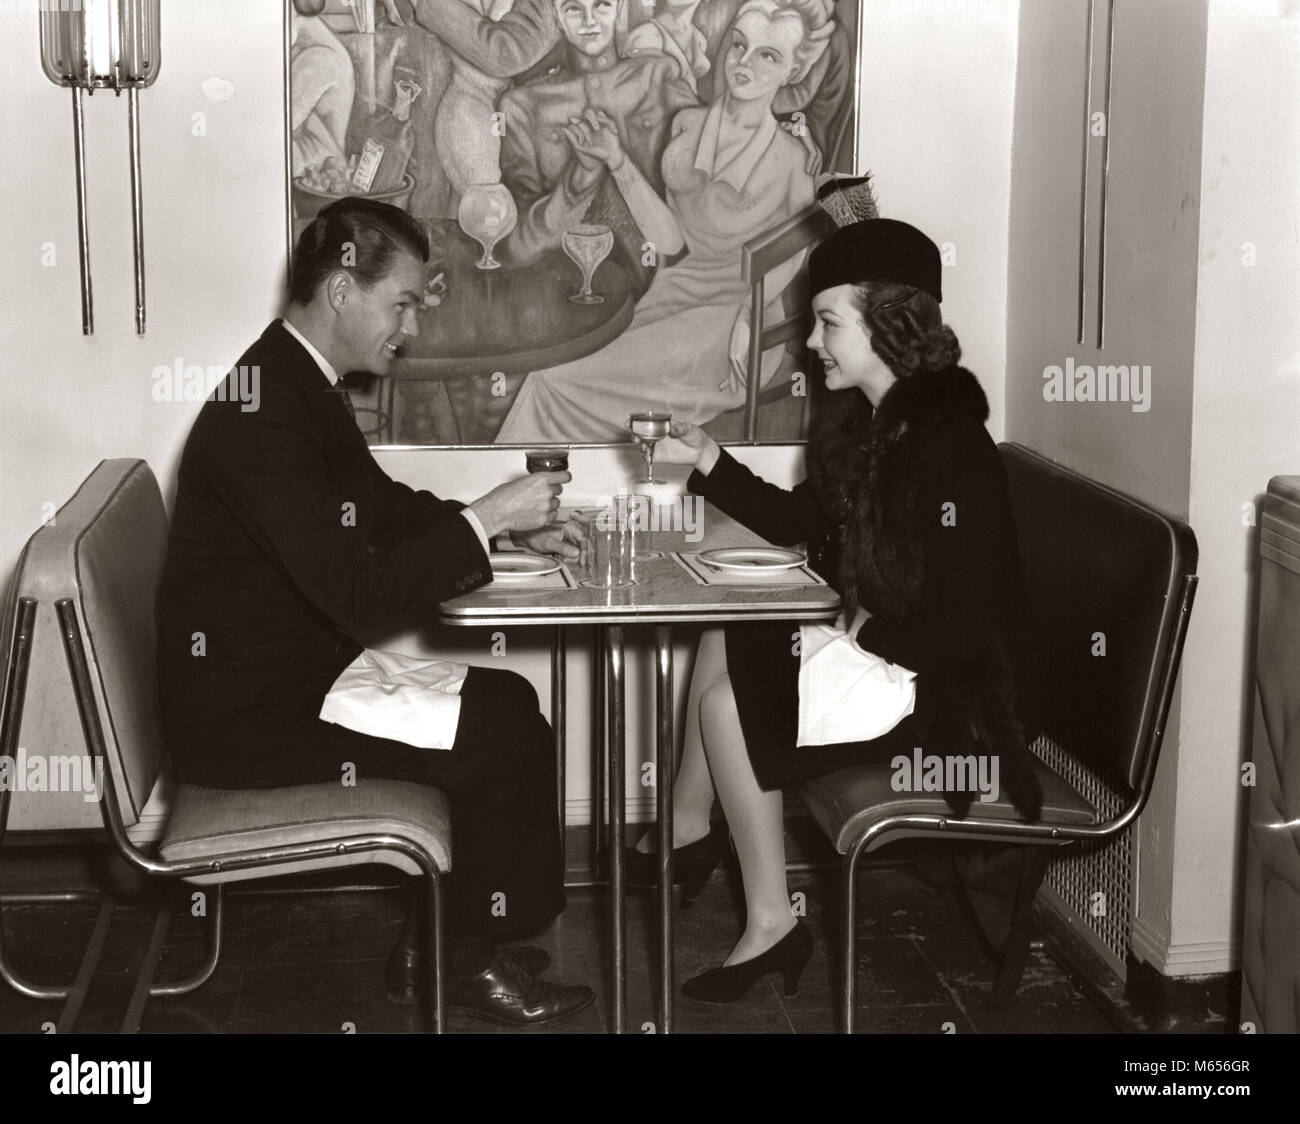 1940 Lachelnde Junge Paar Mann Frau Sitzen Zusammen Auf